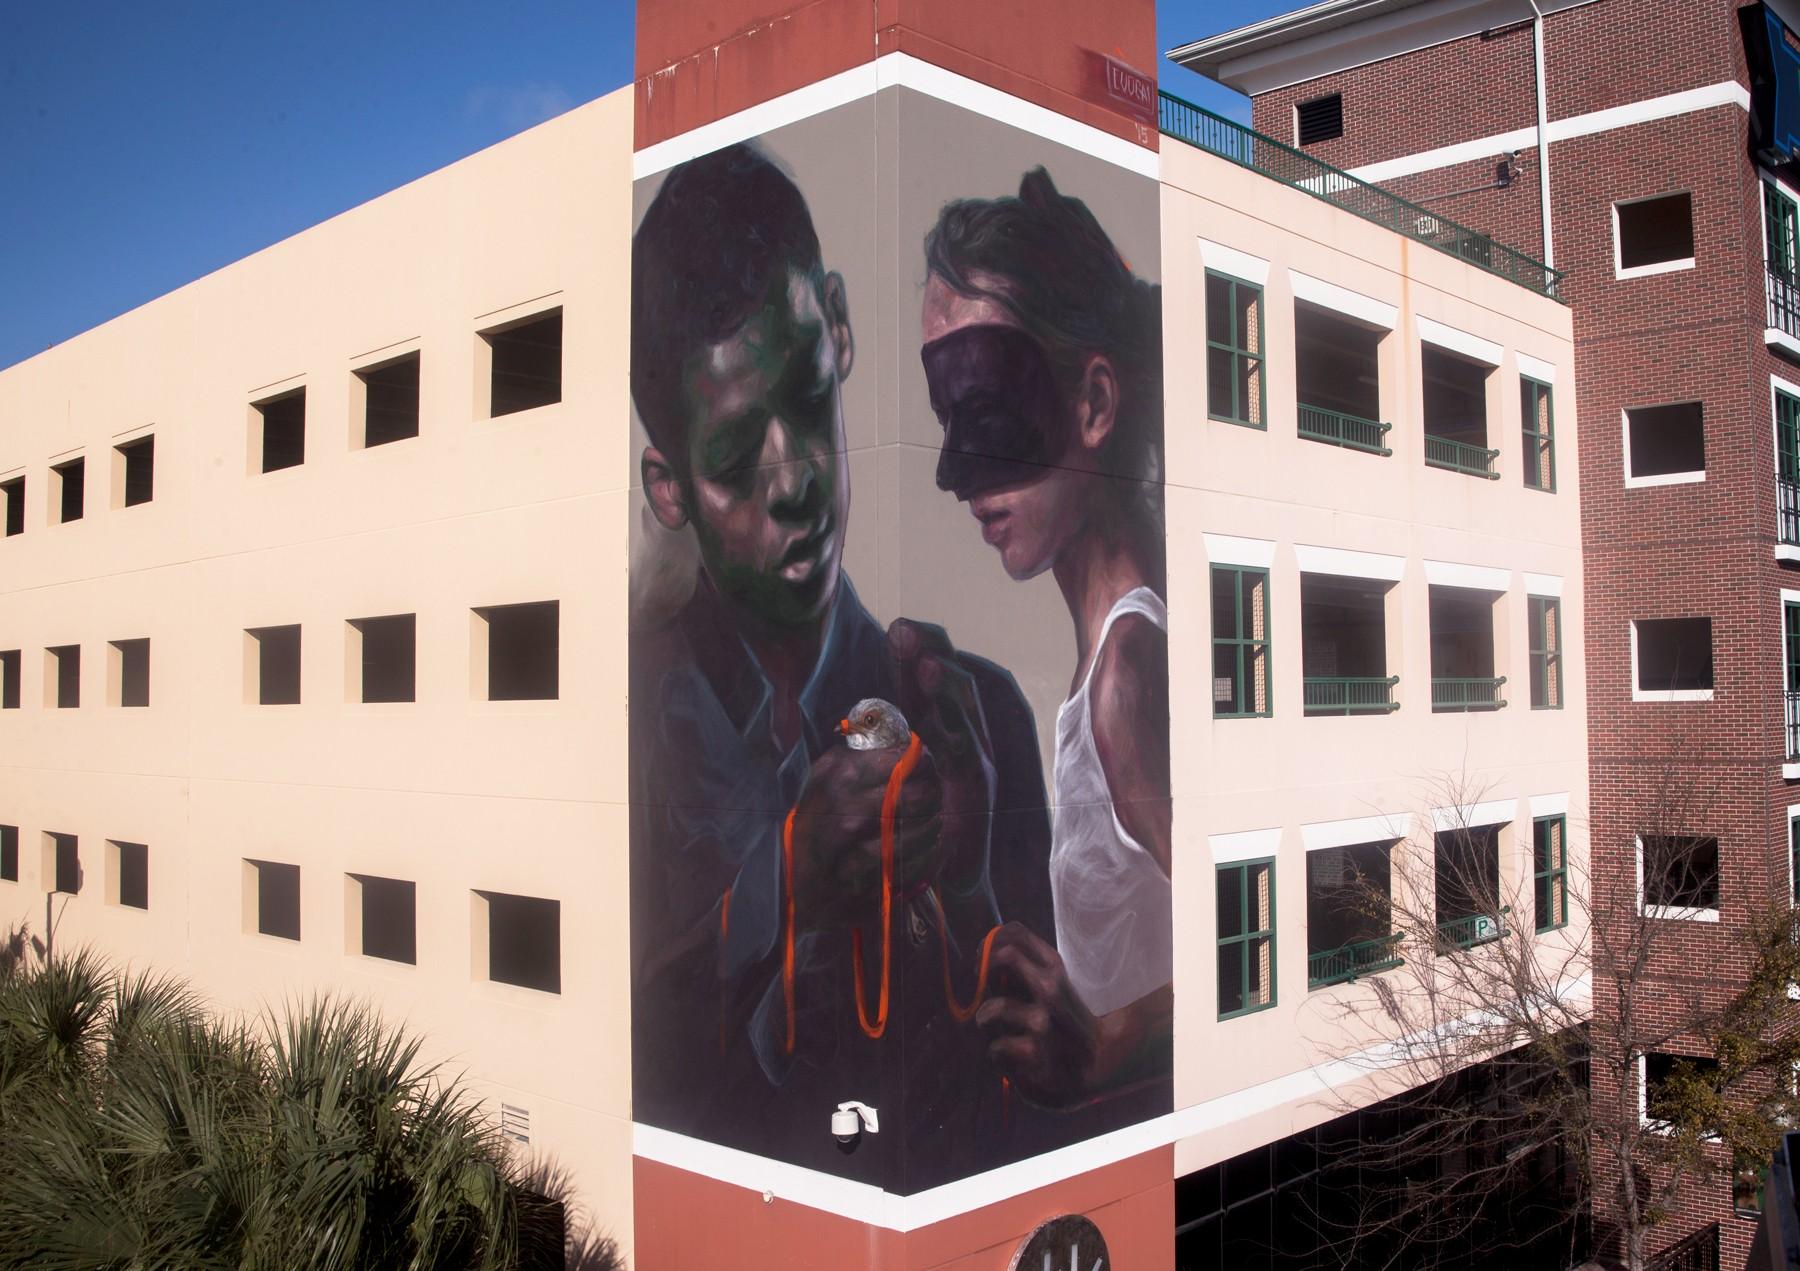 Evoca1 n 352 walls Gainesville_2